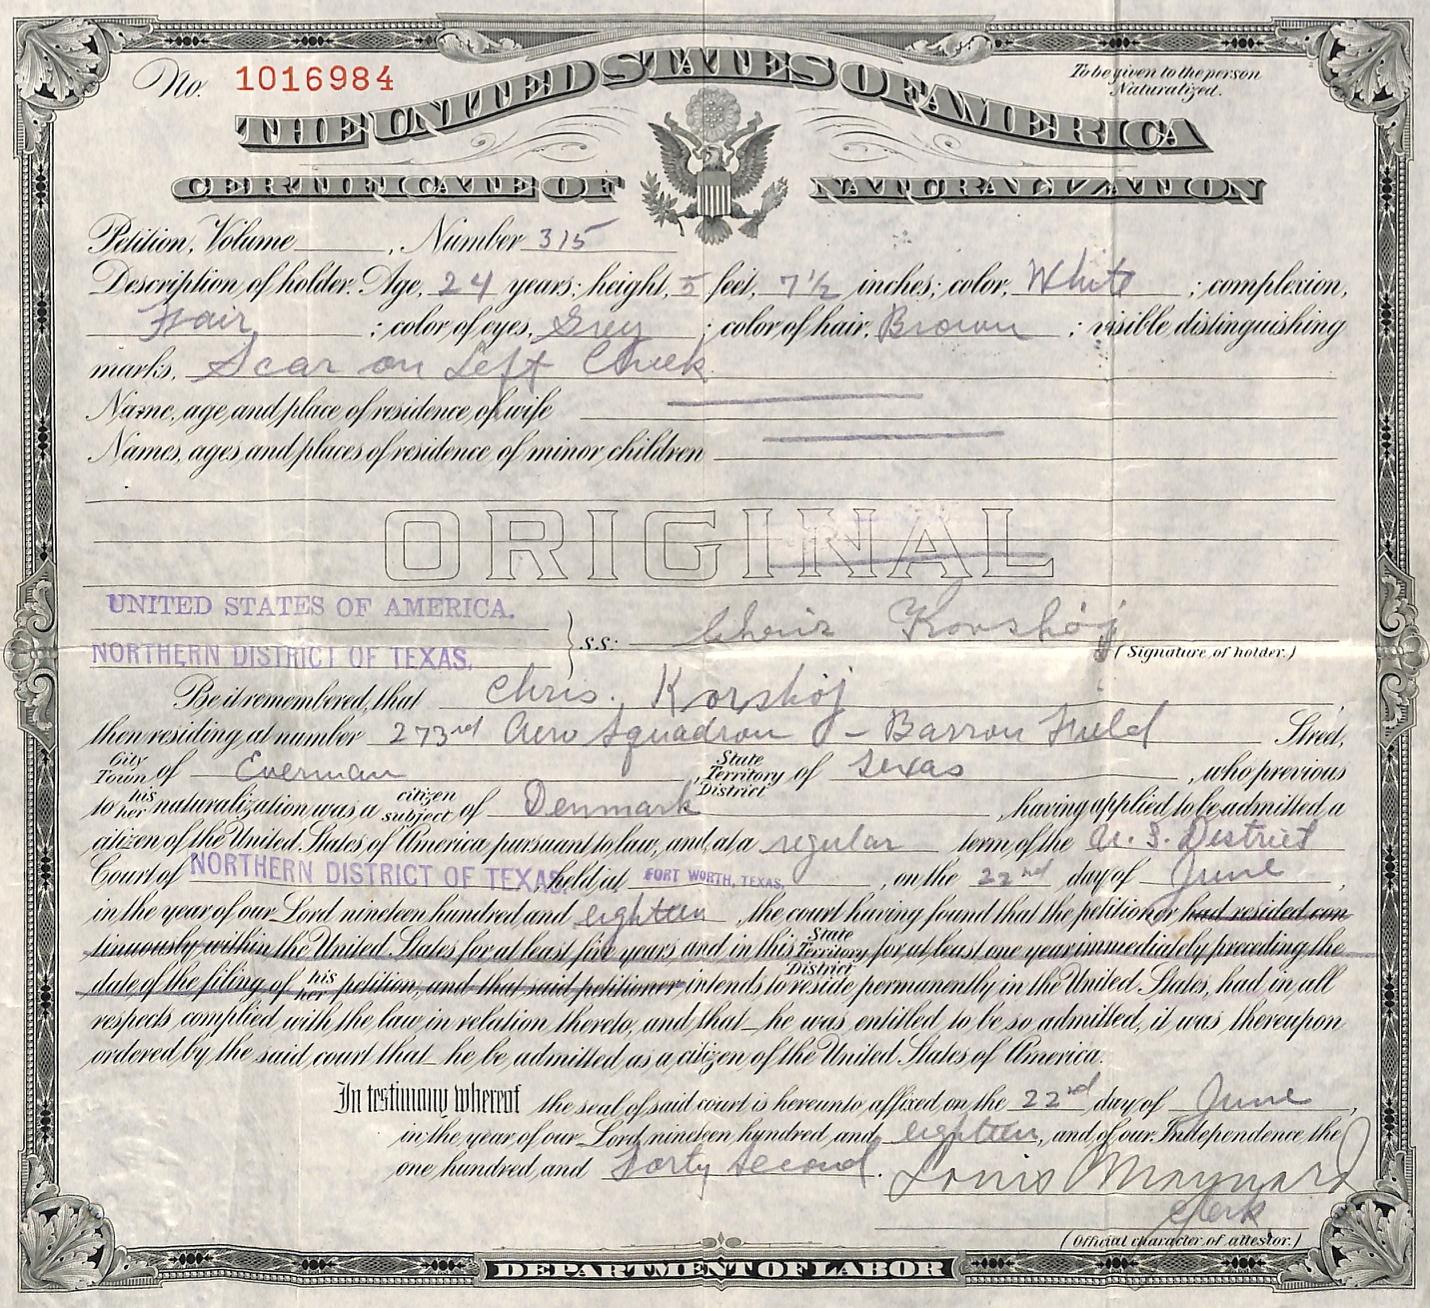 CKNaturalization Certificate